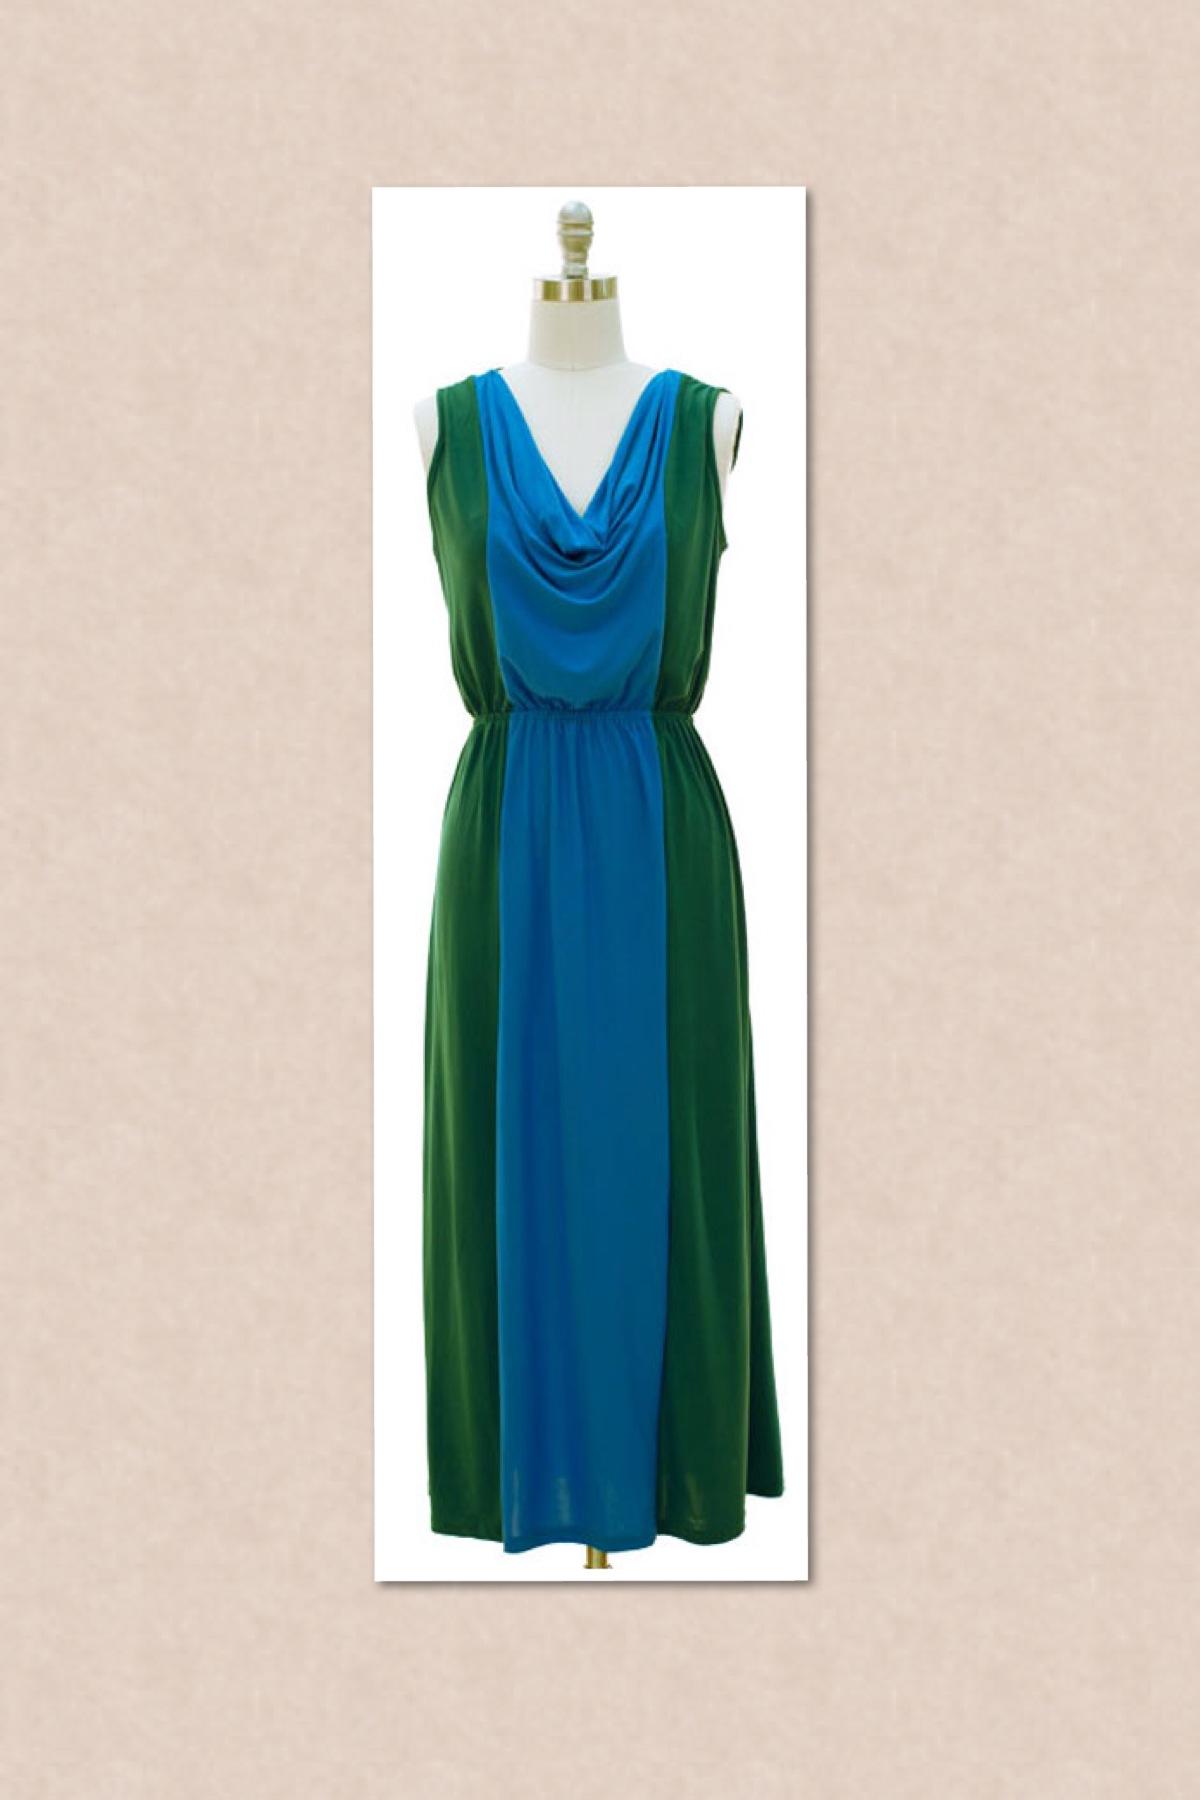 Imani Boutique Colorblock Turquoise Maxi Dress Online